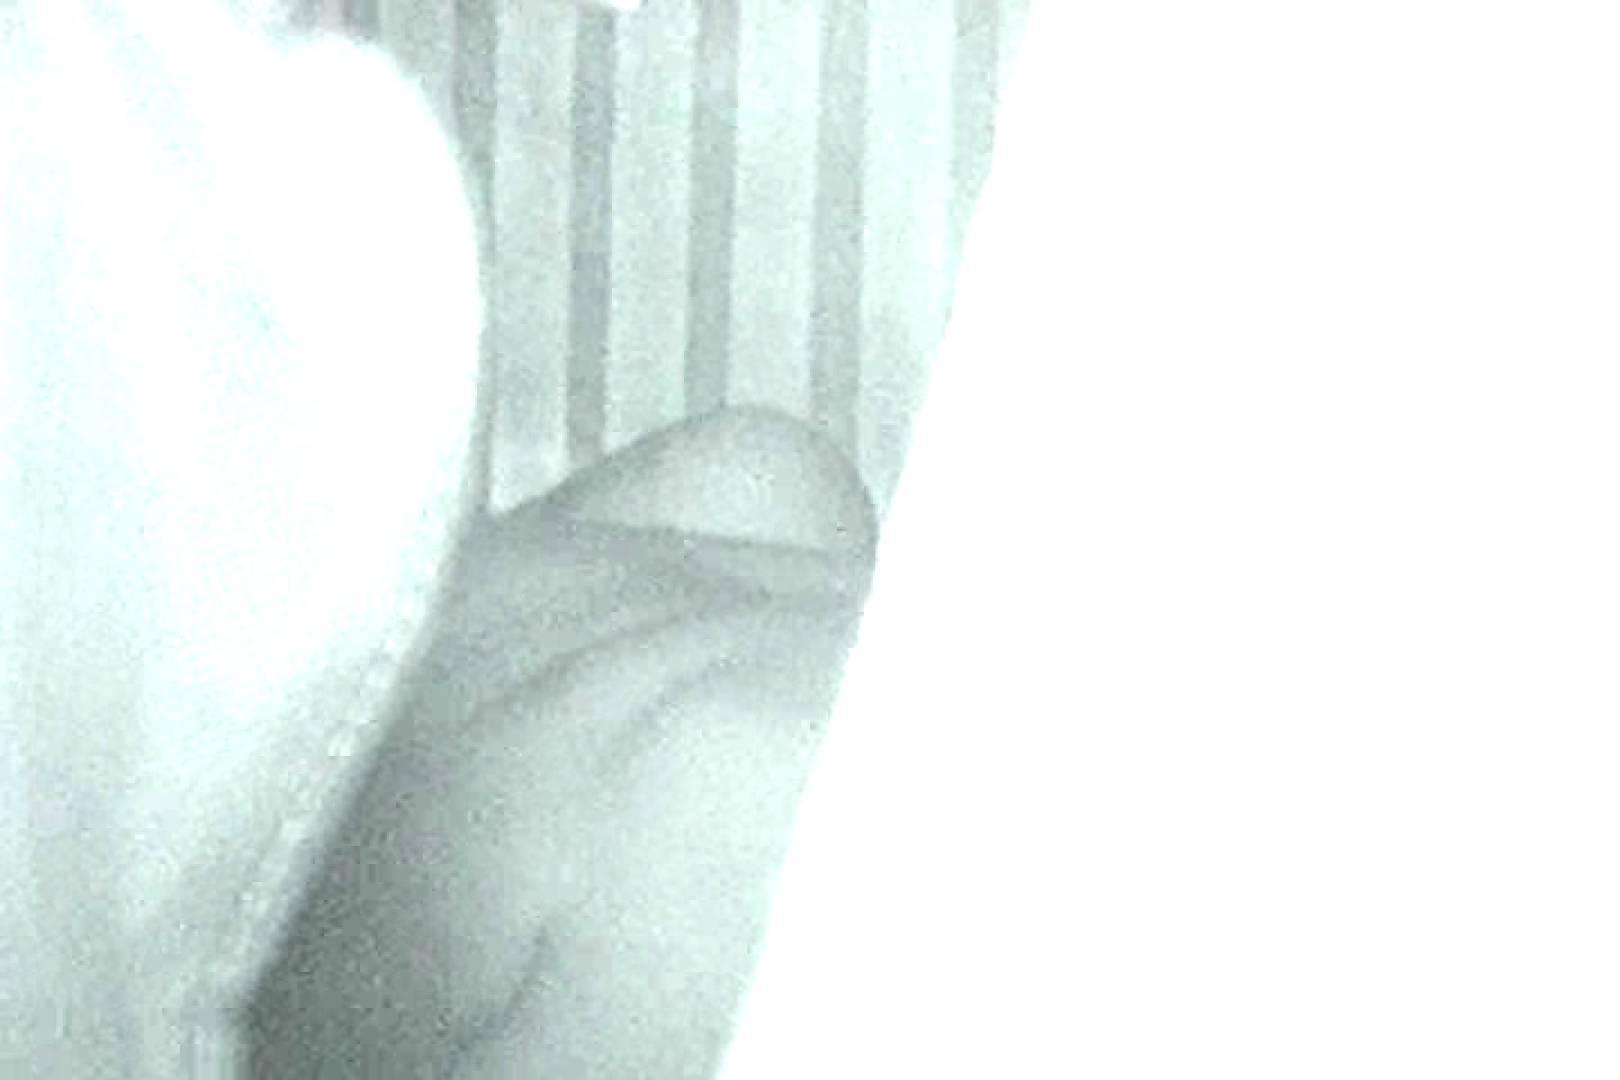 充血監督の深夜の運動会Vol.12 裸体 すけべAV動画紹介 98連発 62